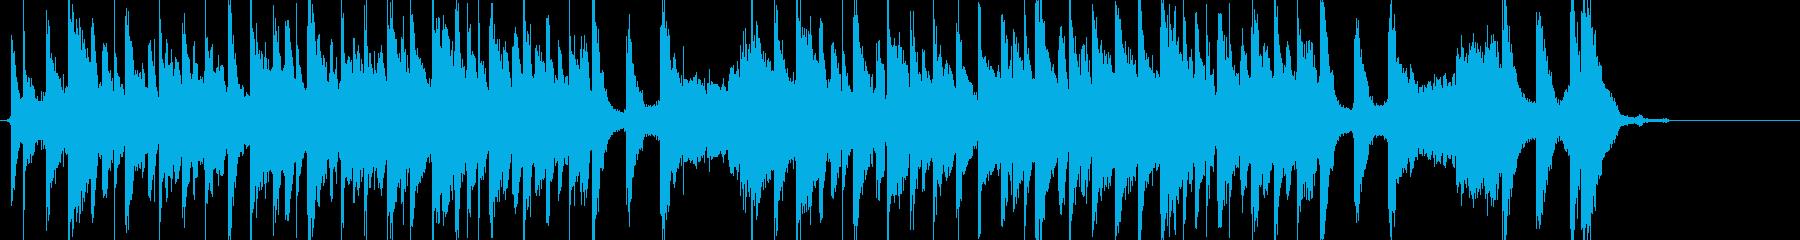 爽やかで明るくノリの良い25秒ジングルの再生済みの波形